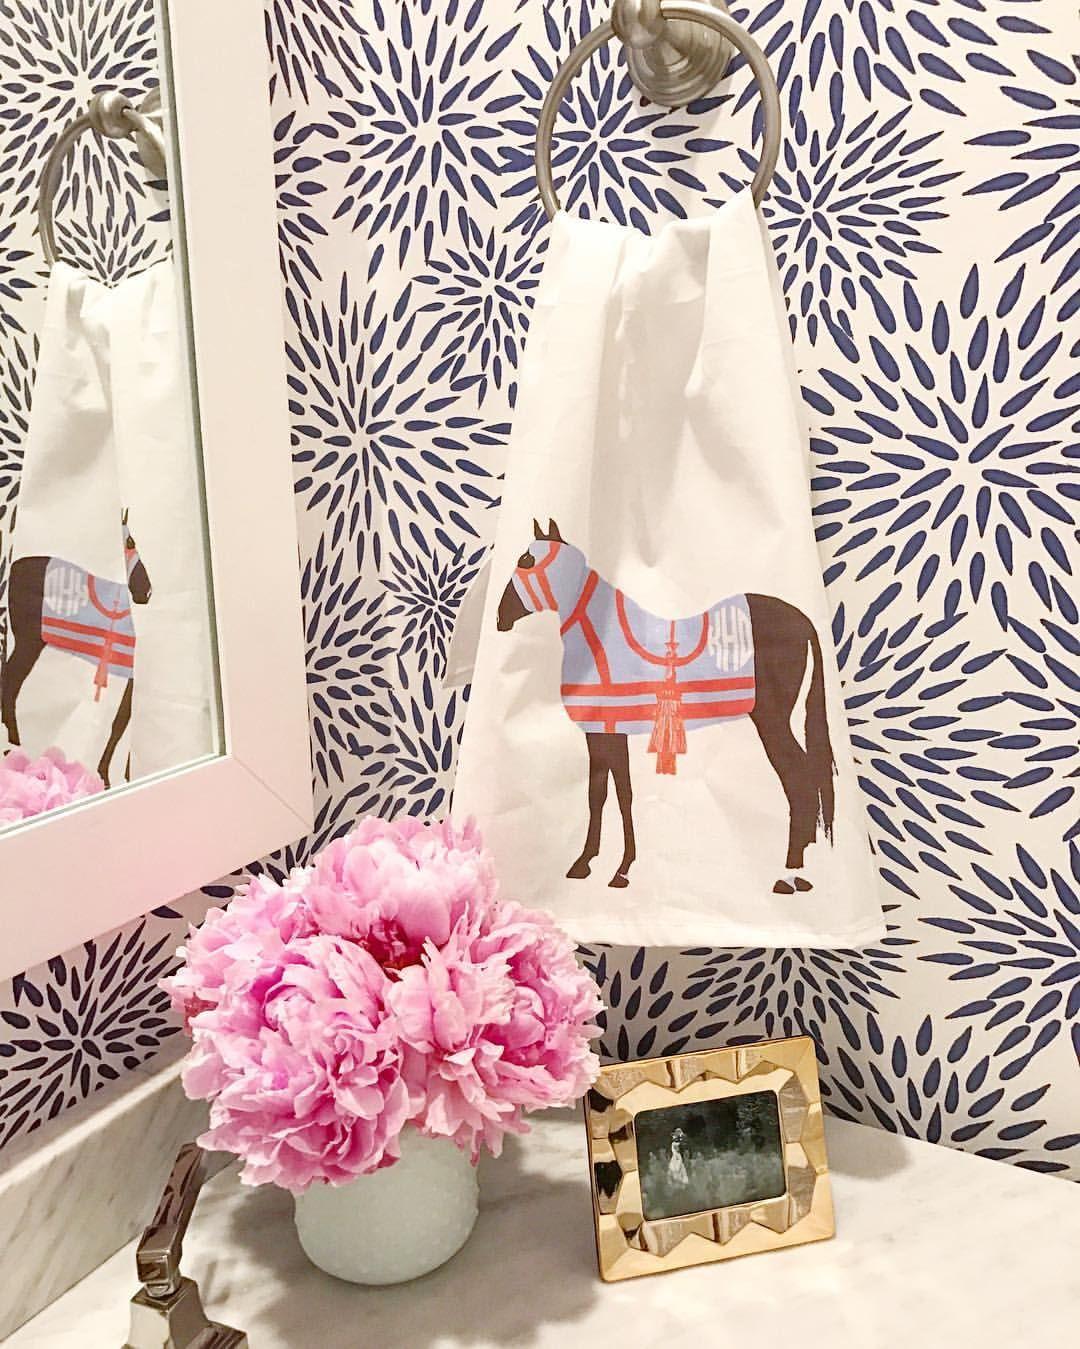 Popular Wallpaper Horse Pink - 9982db58c8dca315e52d3d032eaf8b69  2018_984350.jpg